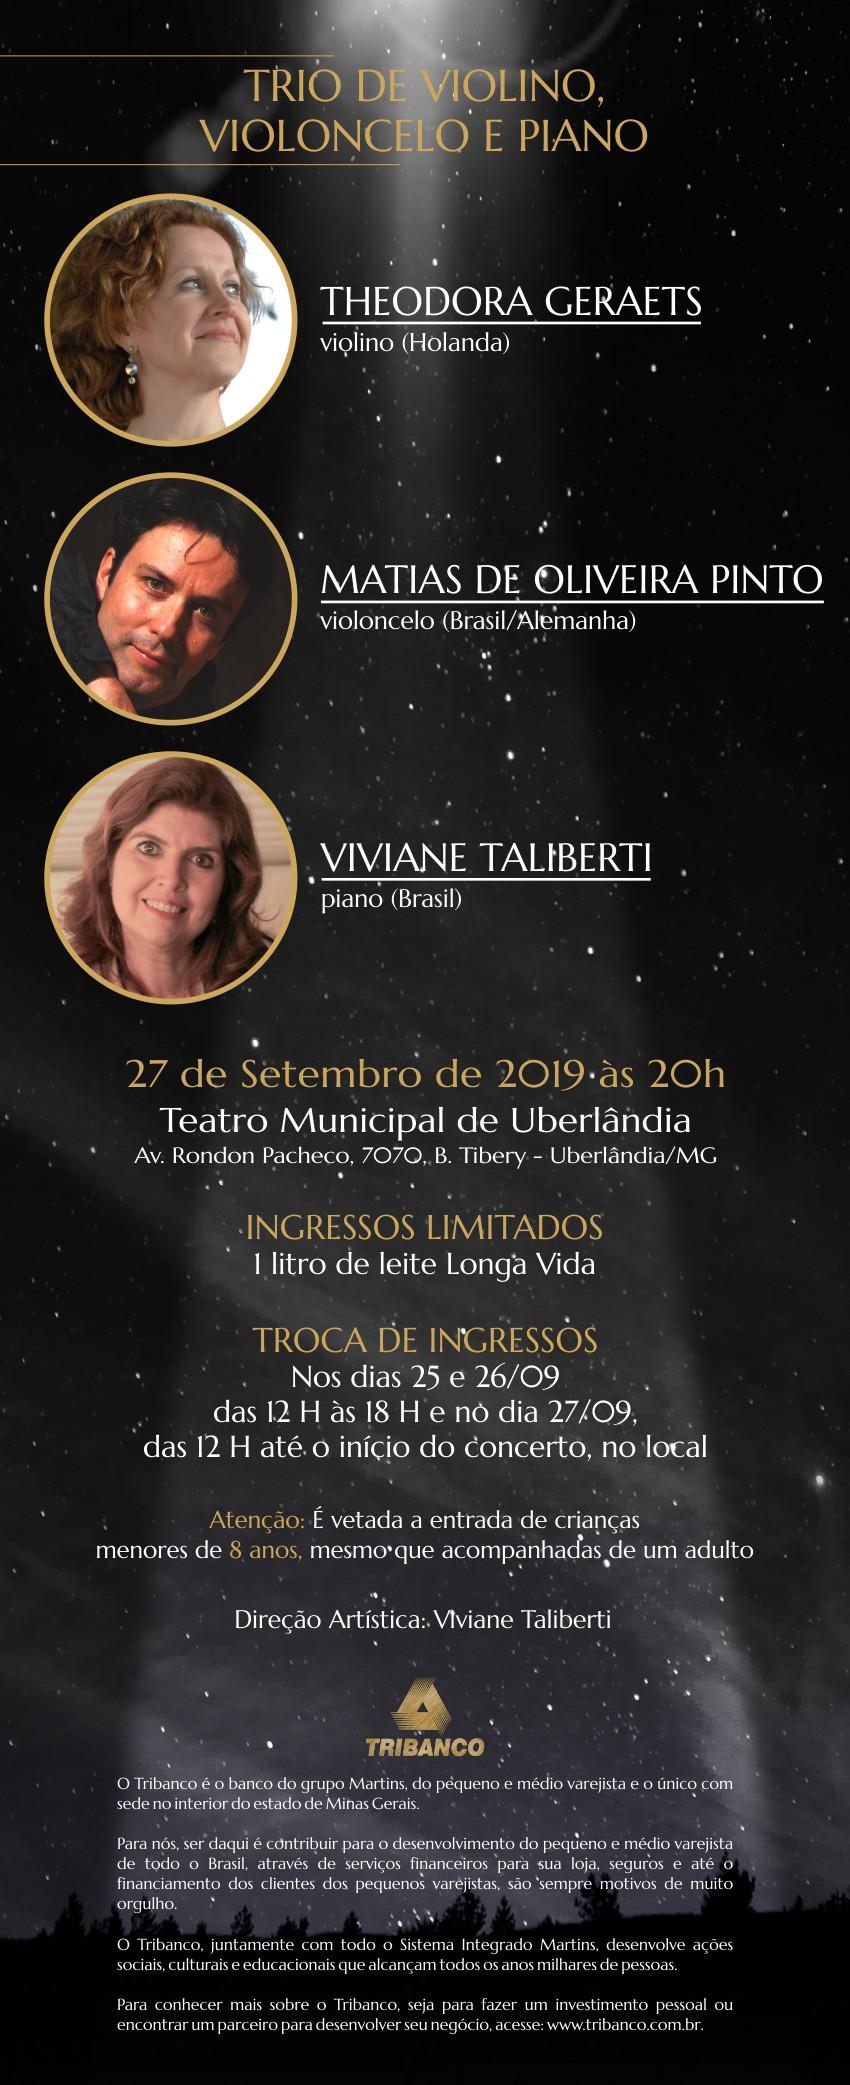 Trio de Violino, Violoncelo e Piano com Theodora Geraets, Matias de Oliveira Pinto e Viviane Taliberti - Concertos Tribanco - Temporada 2019